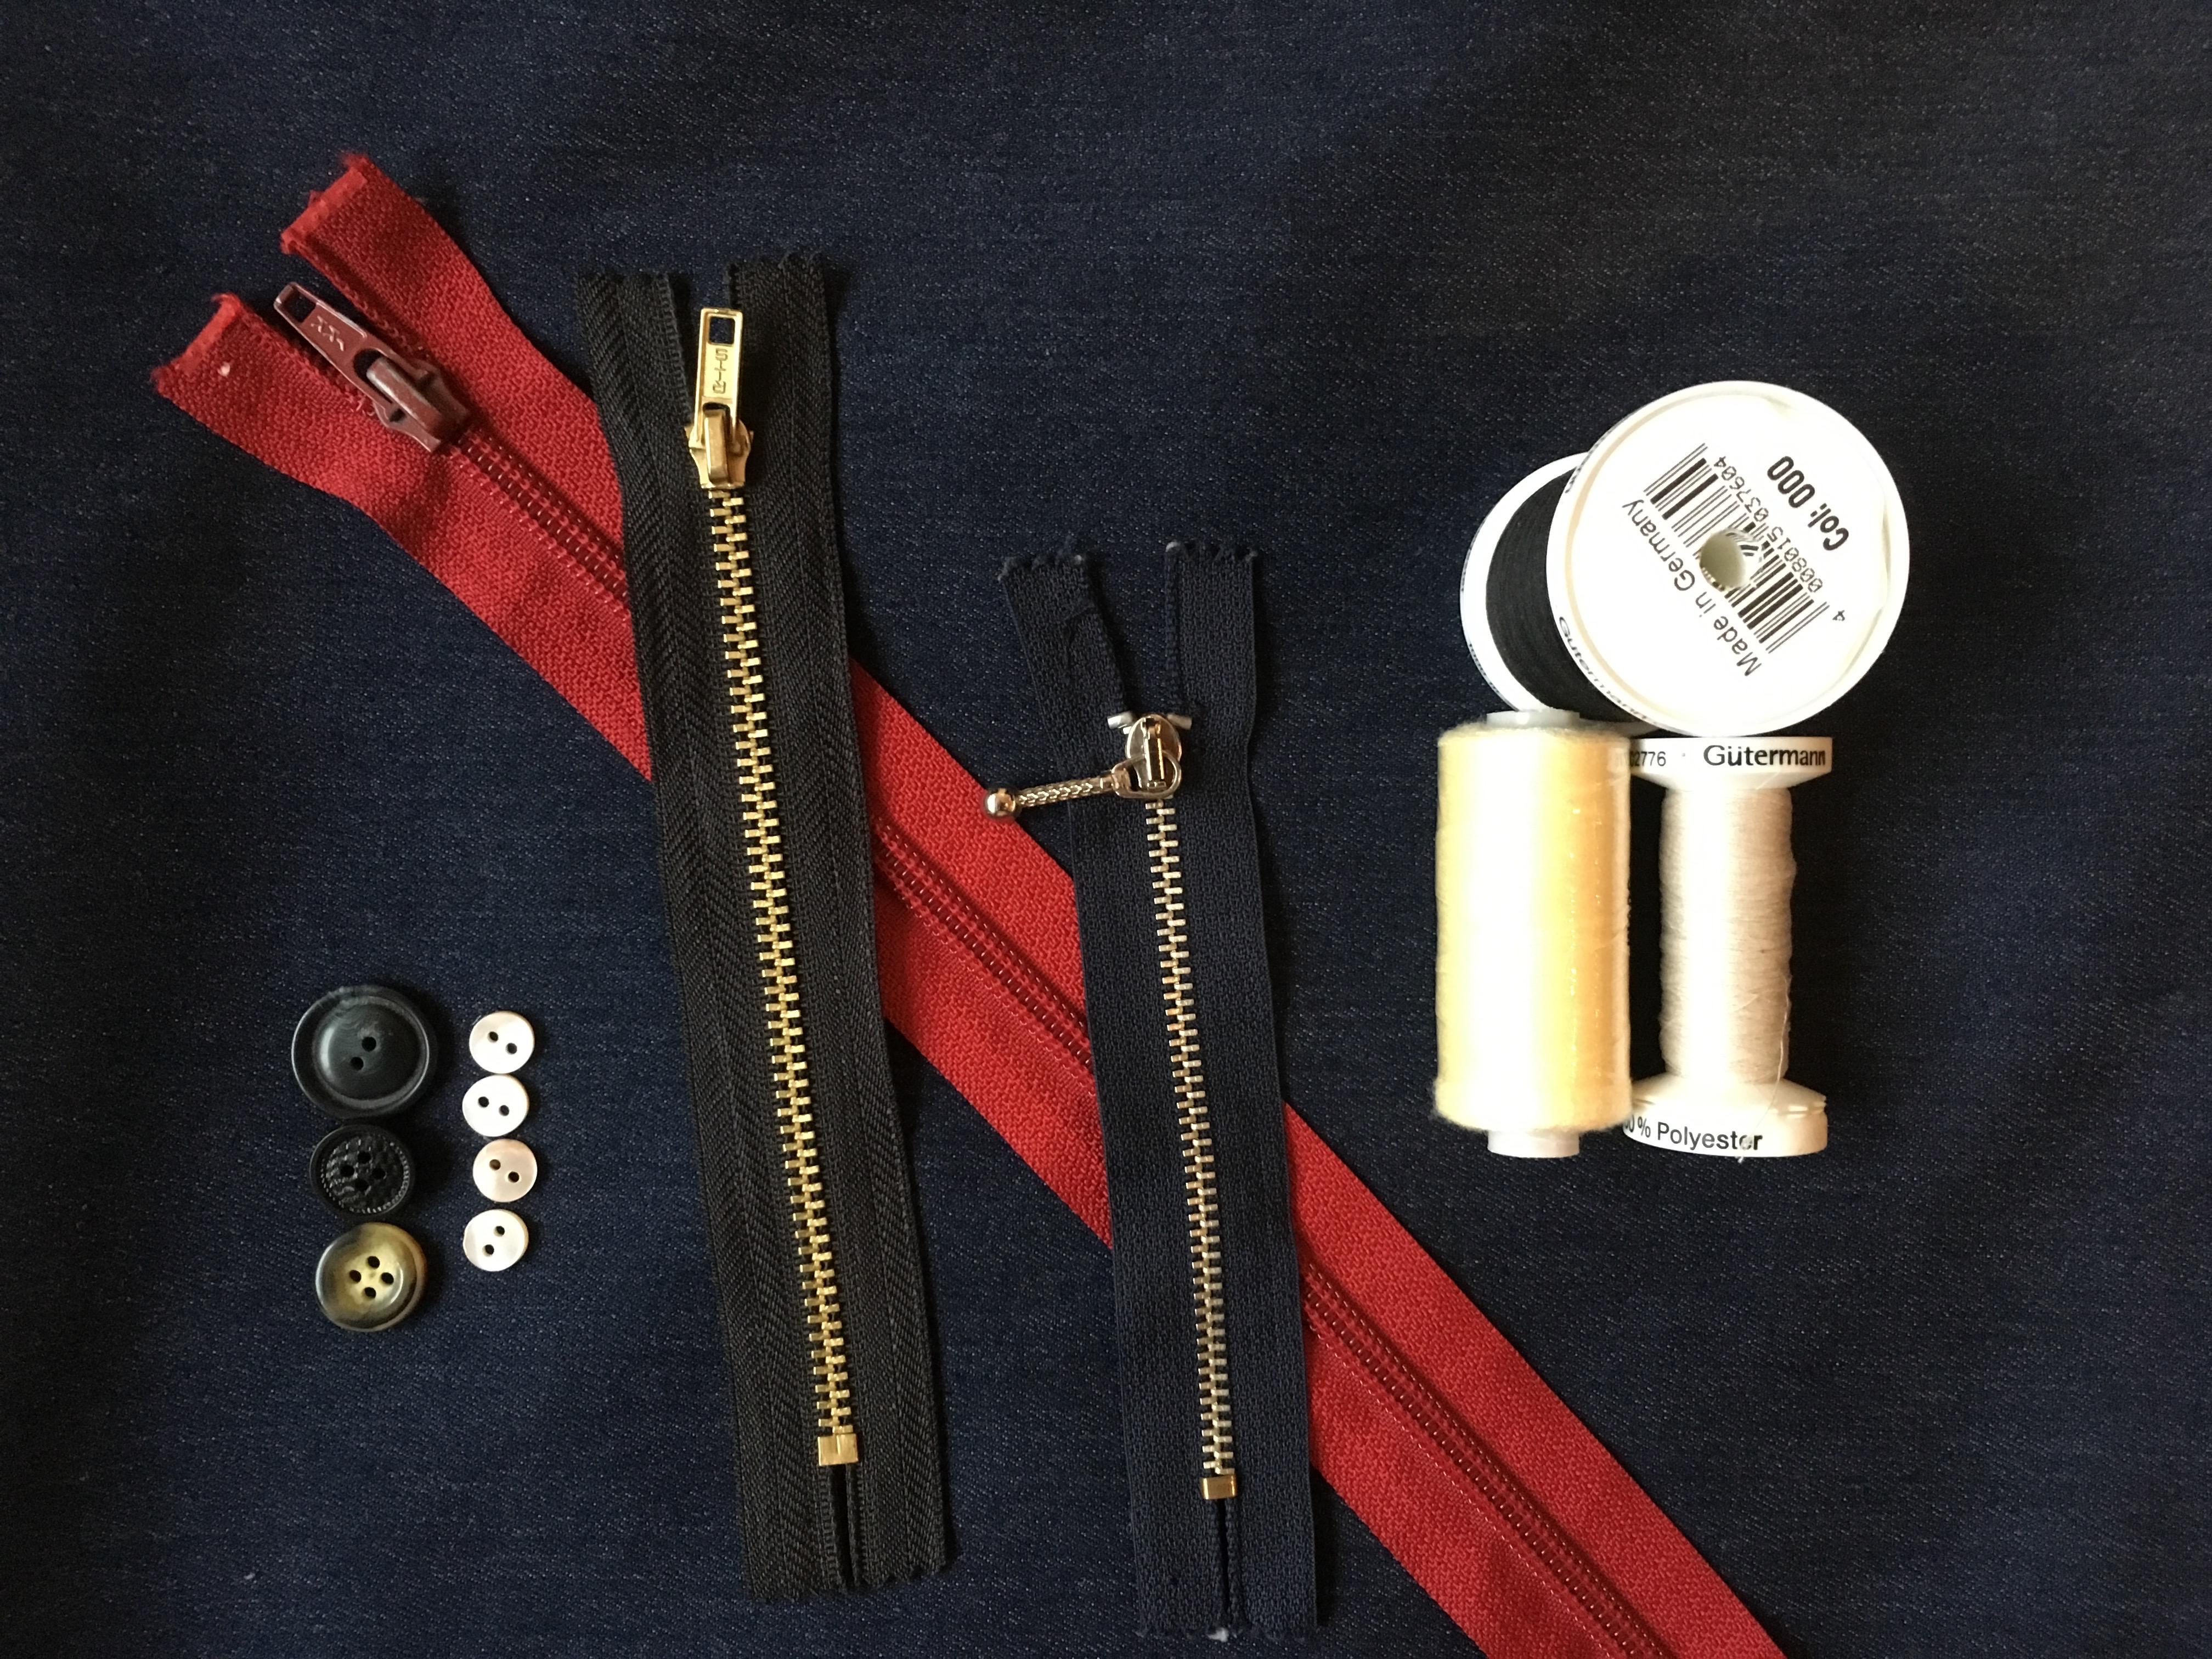 prijskaartje zelfgemaakte kleding bepalen